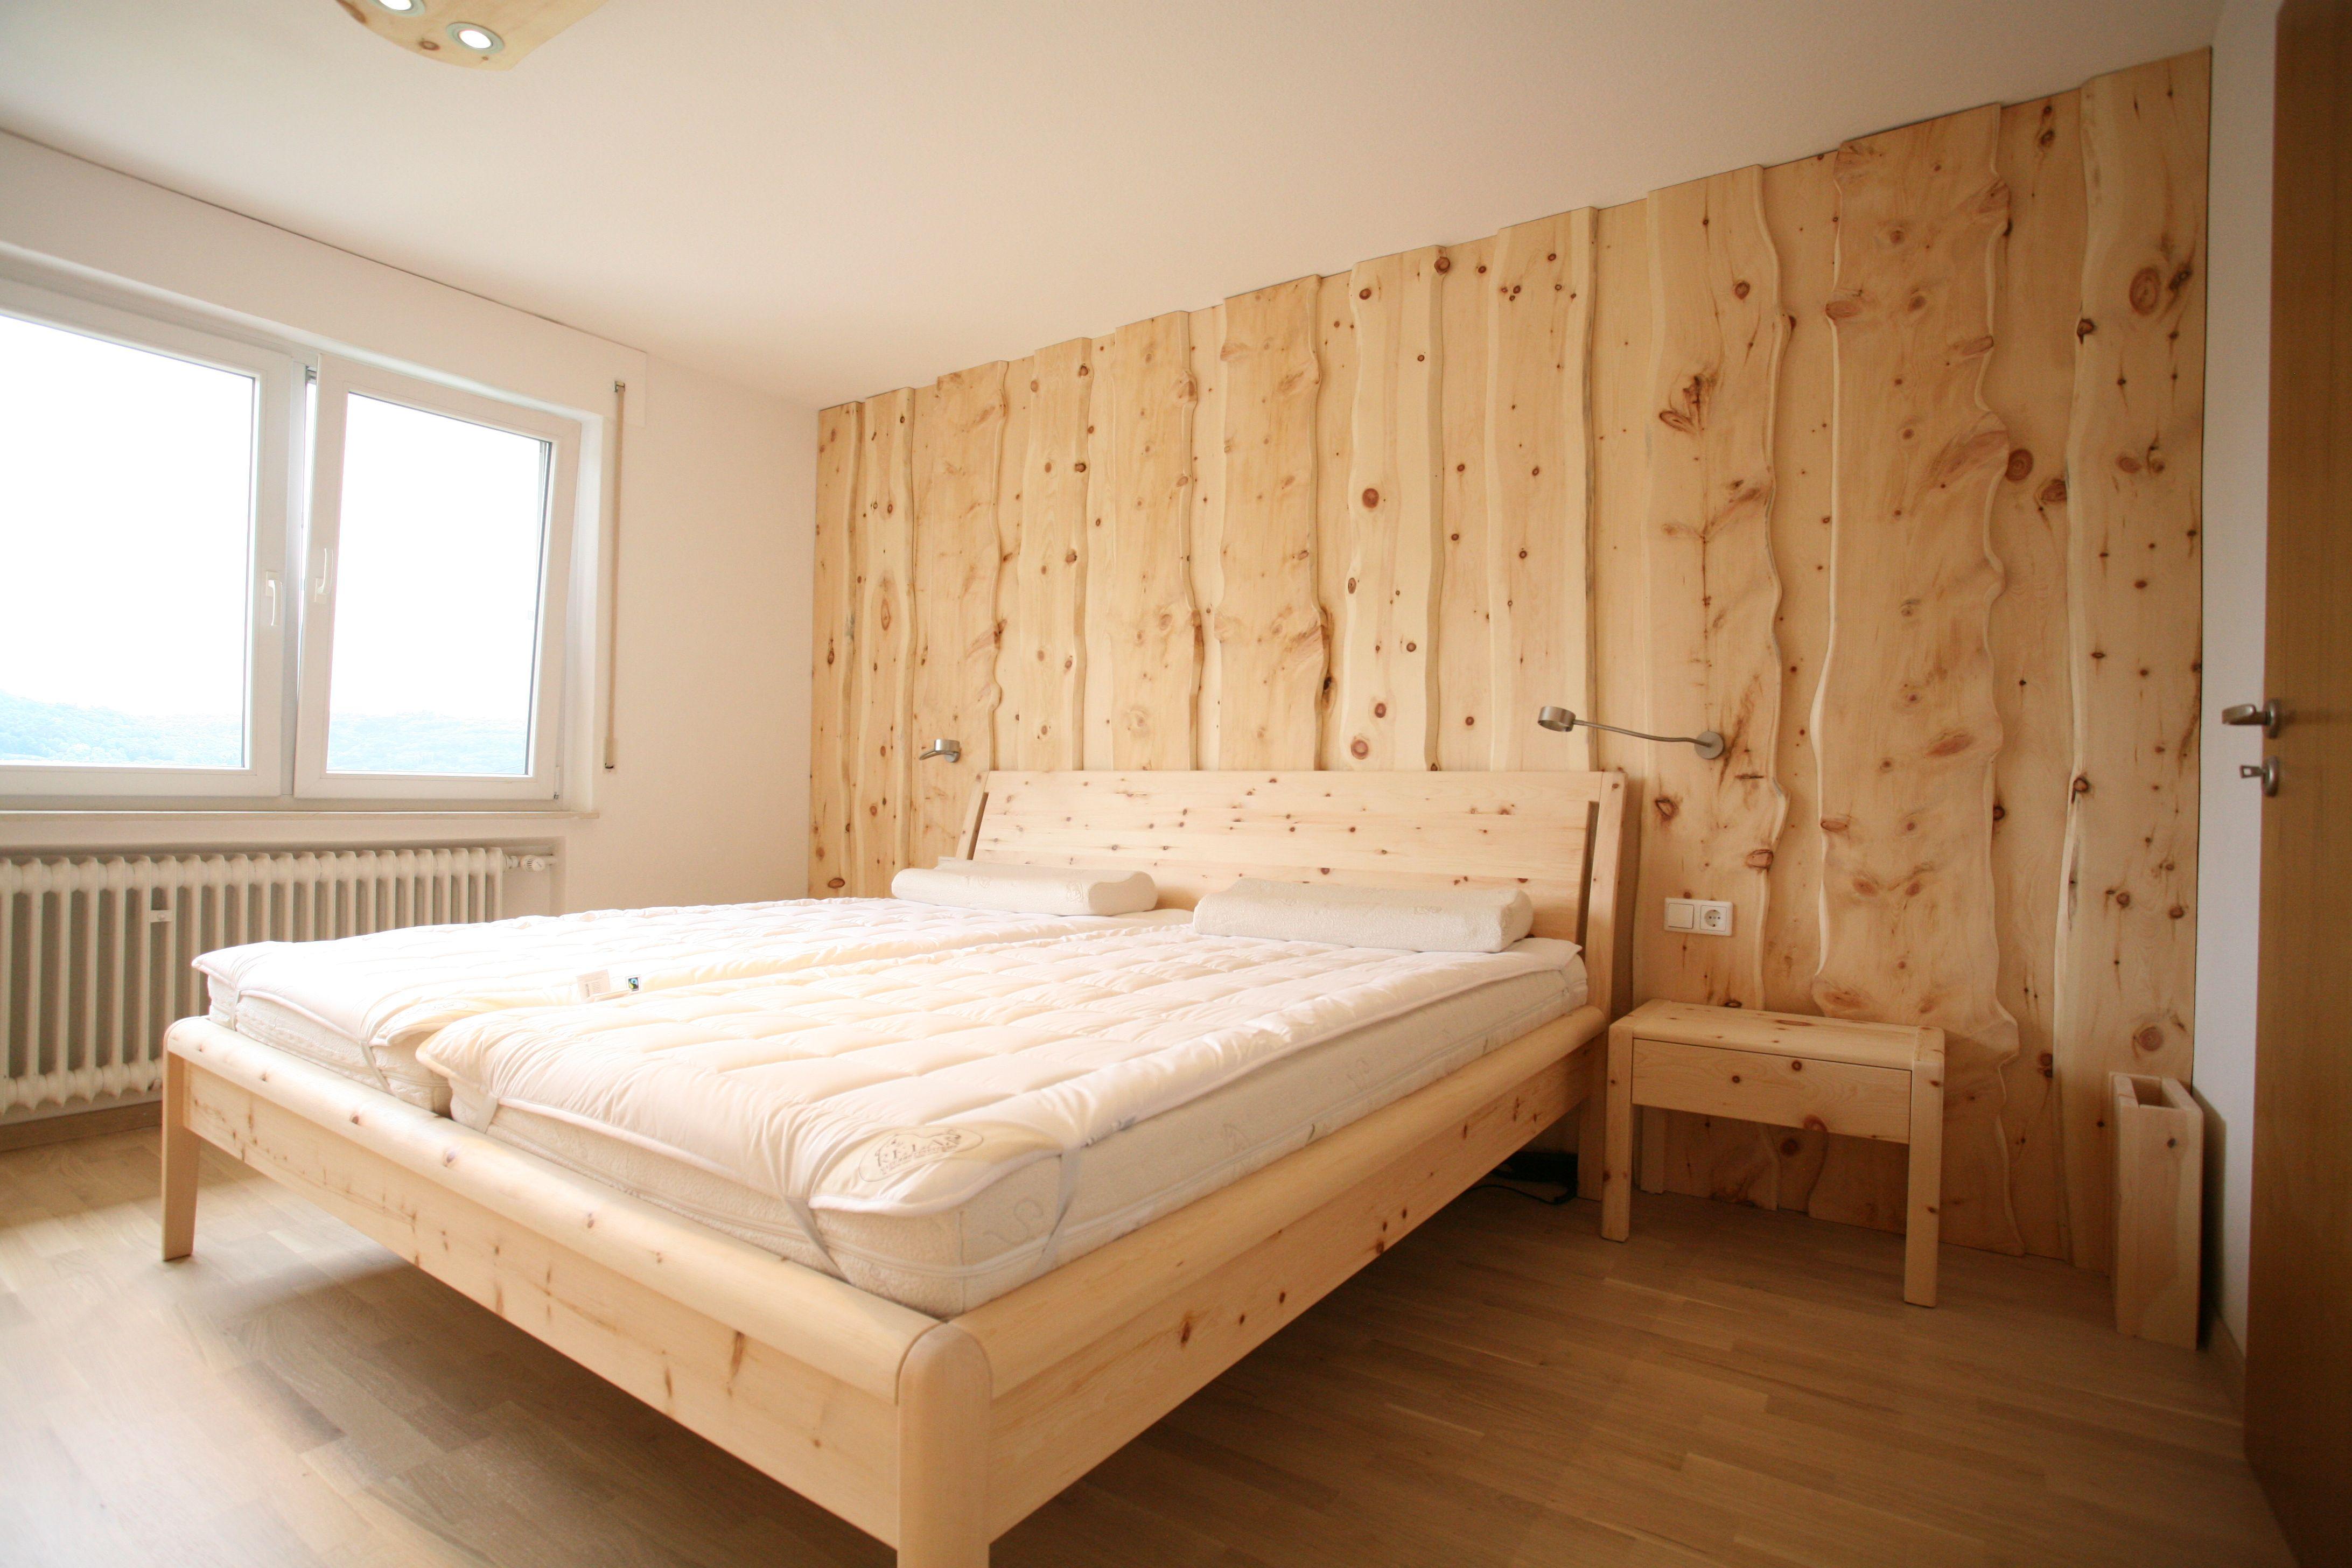 Zirbenholz für bessere Gesundheit bei der Zirbenholz